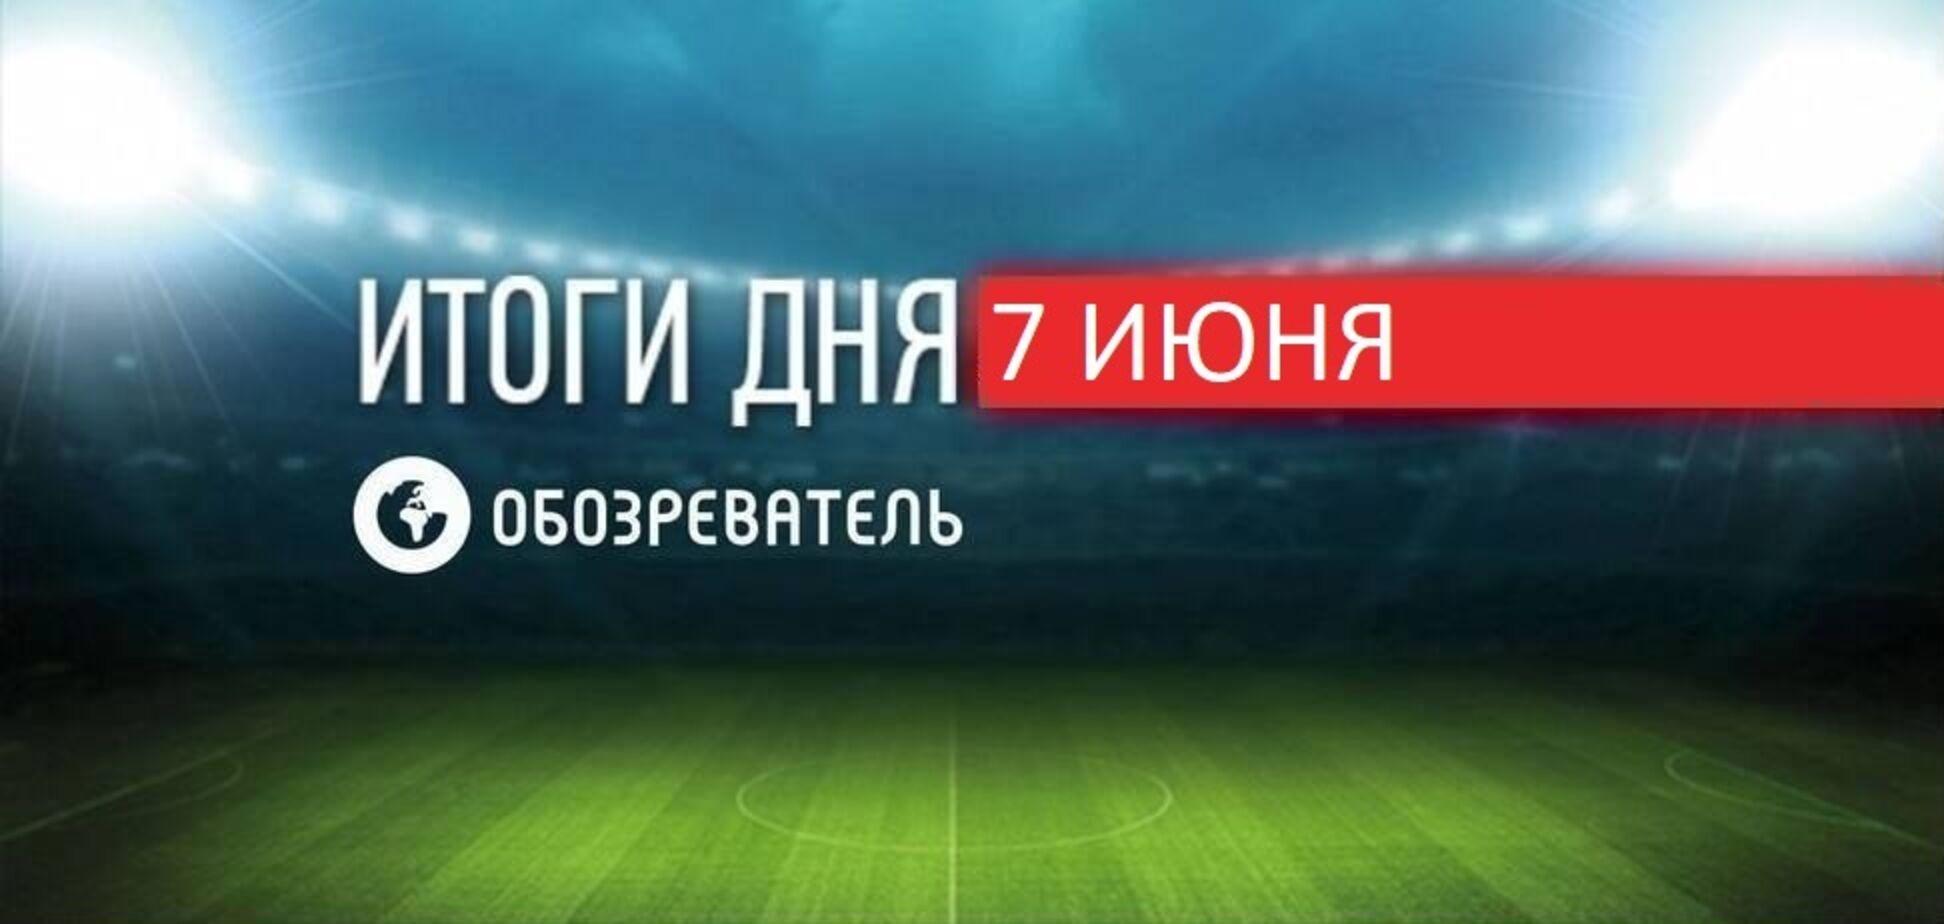 Новини спорту 7 червня: УЄФА відкинув претензії та вимоги росіян щодо форми збірної України з Кримом